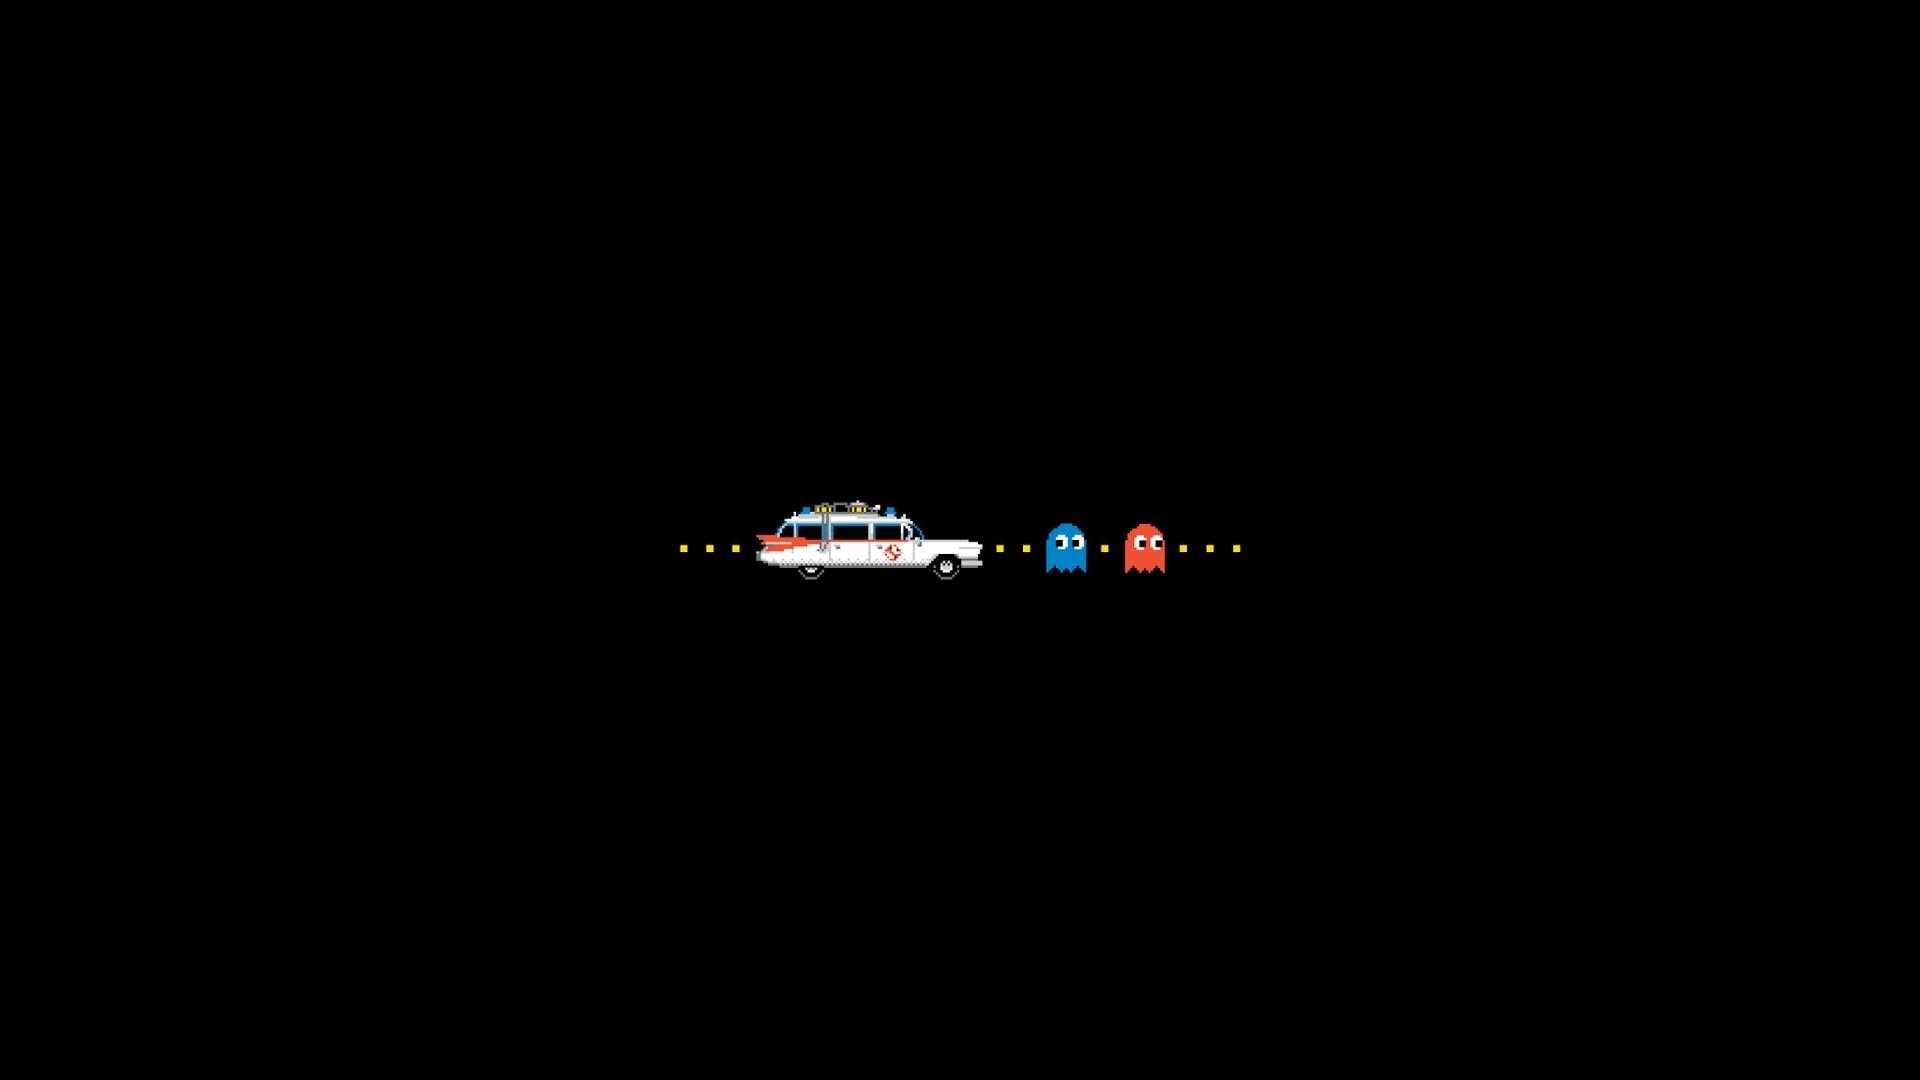 Wallpaper Pacman Car Harassment Help